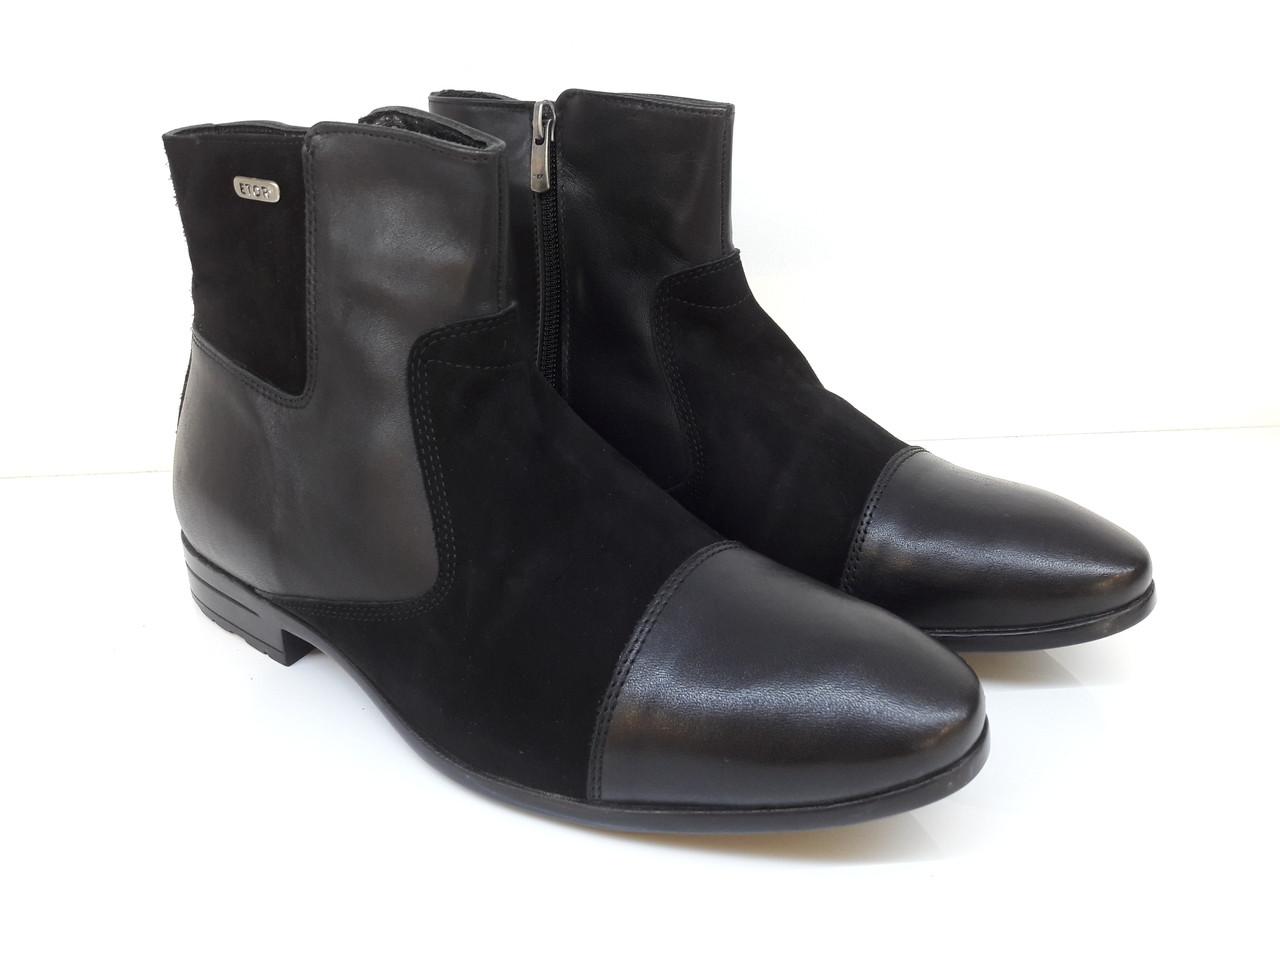 Ботинки Etor 10884-7040 черные